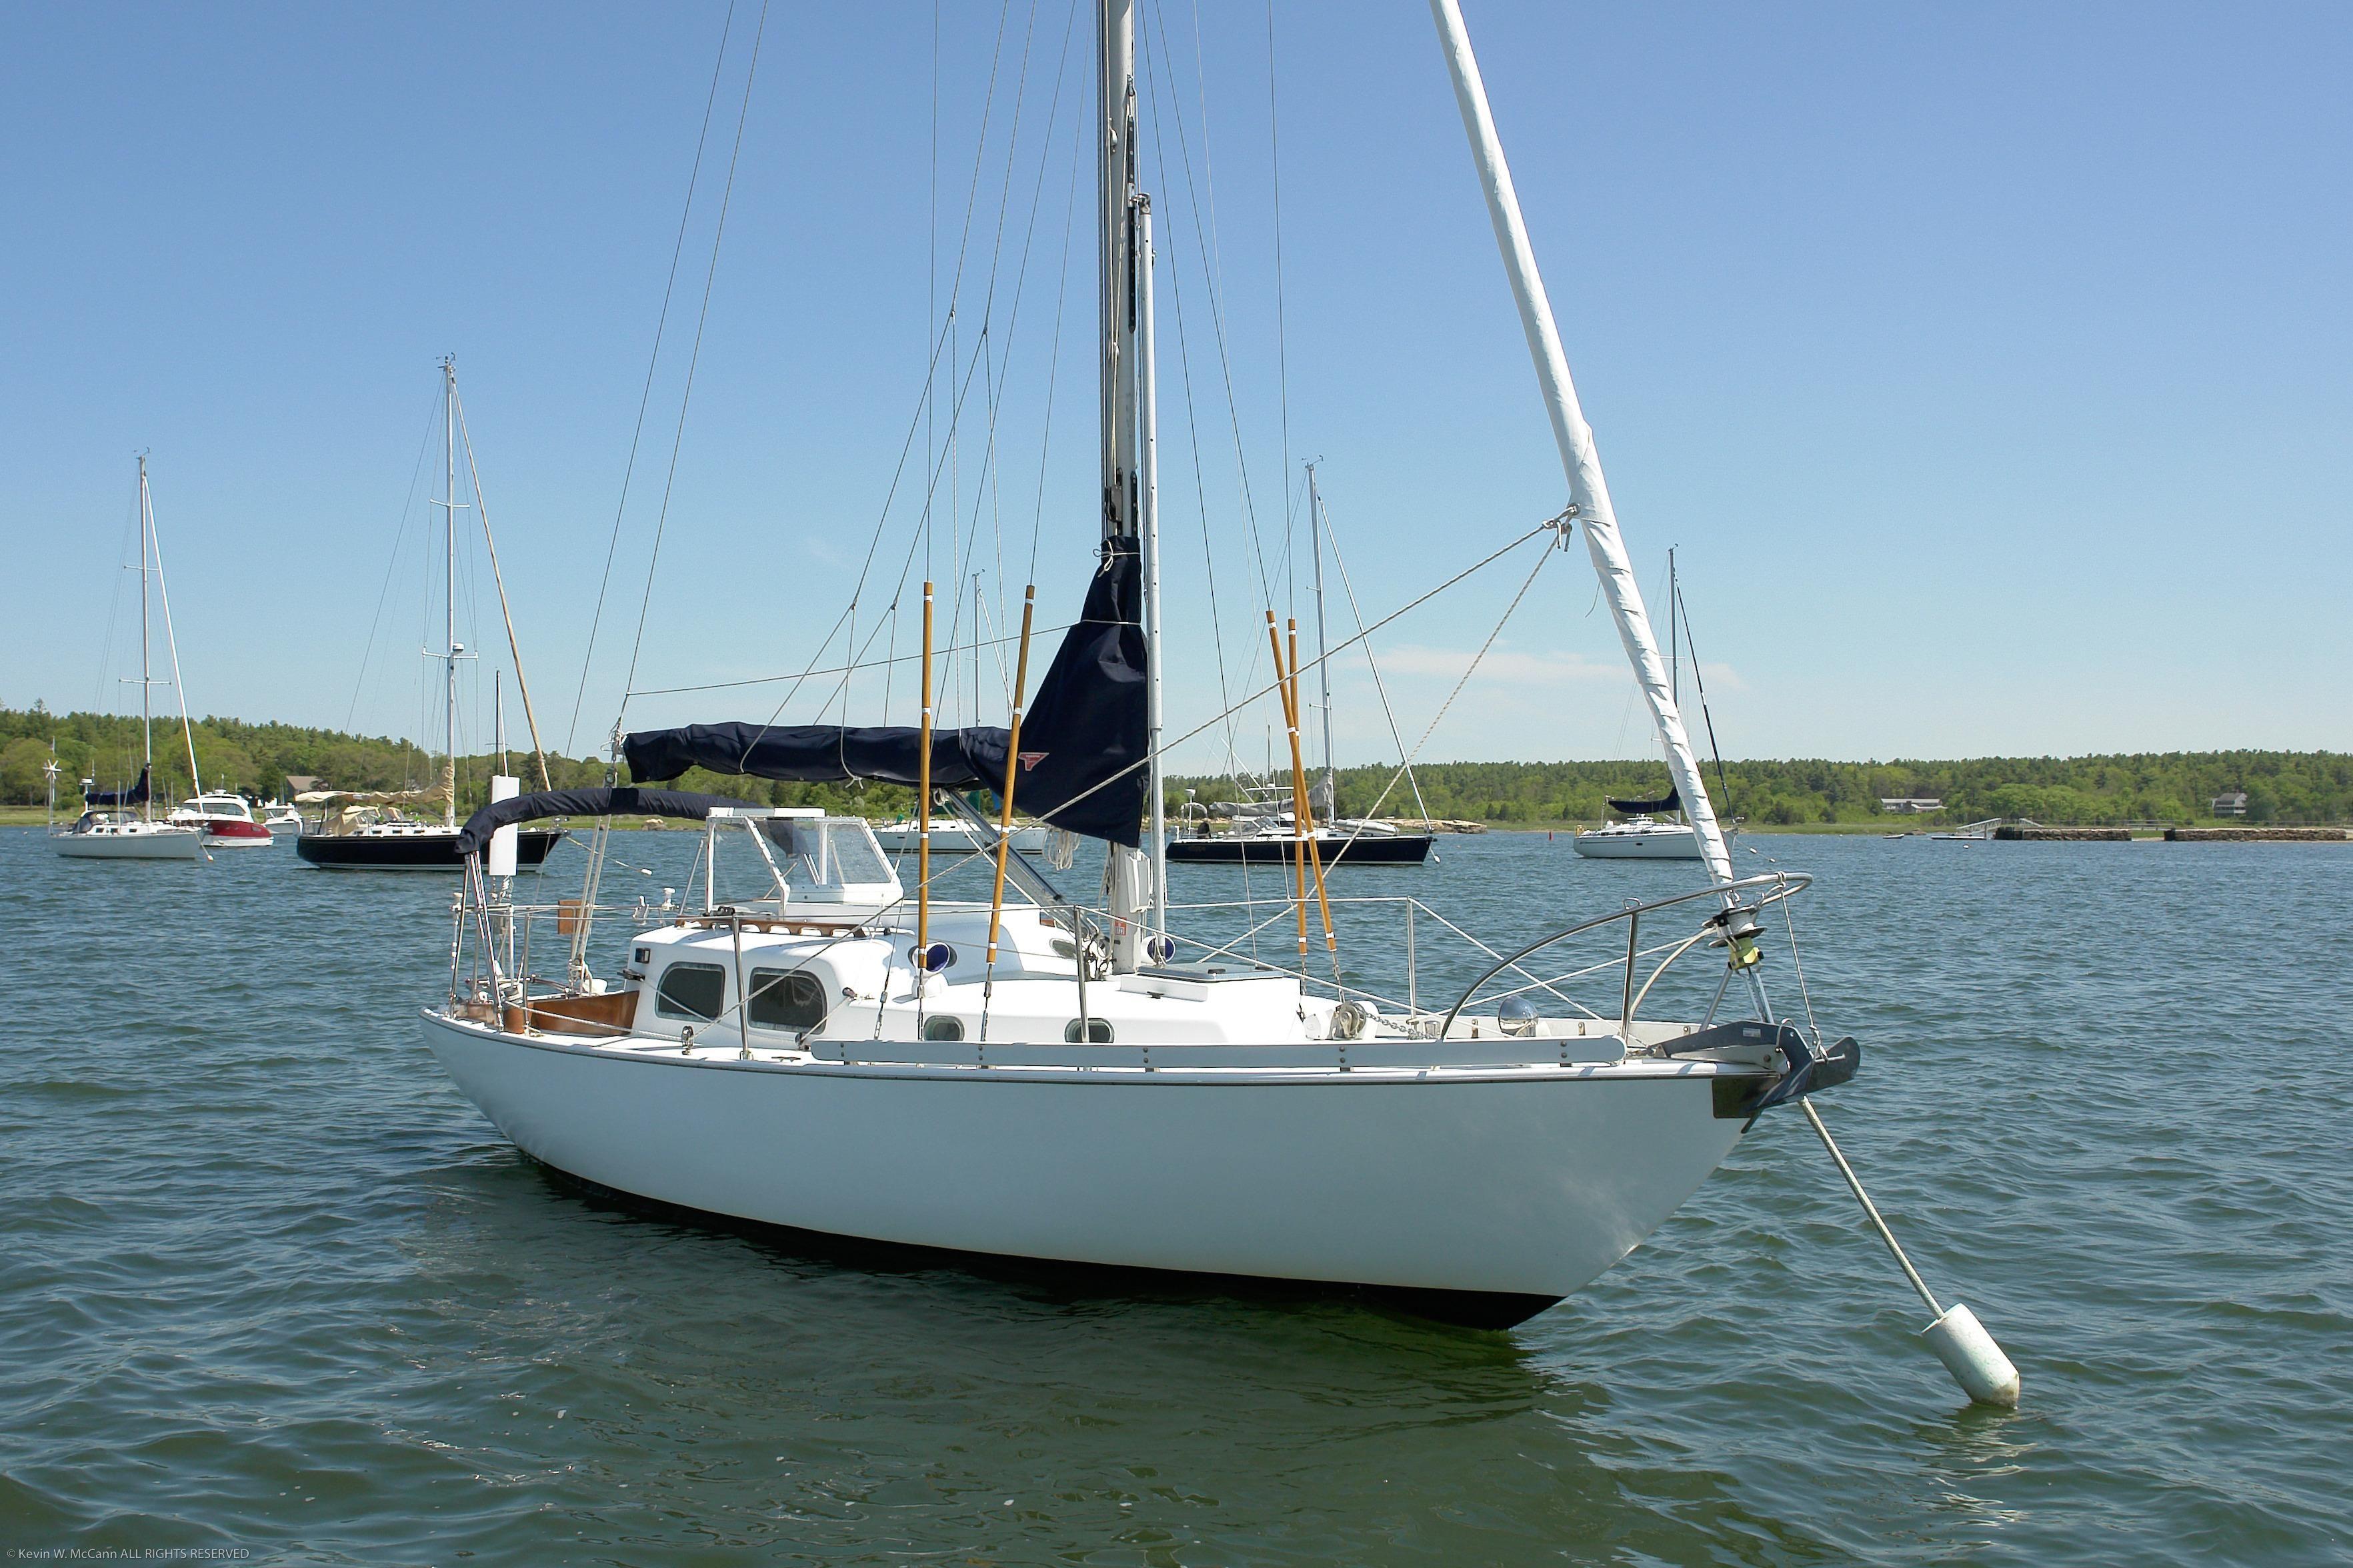 1963 Pearson Triton 28 Sail Boat For Sale   www yachtworld com. 1963 Pearson Triton 28 Sail Boat For Sale   www yachtworld com